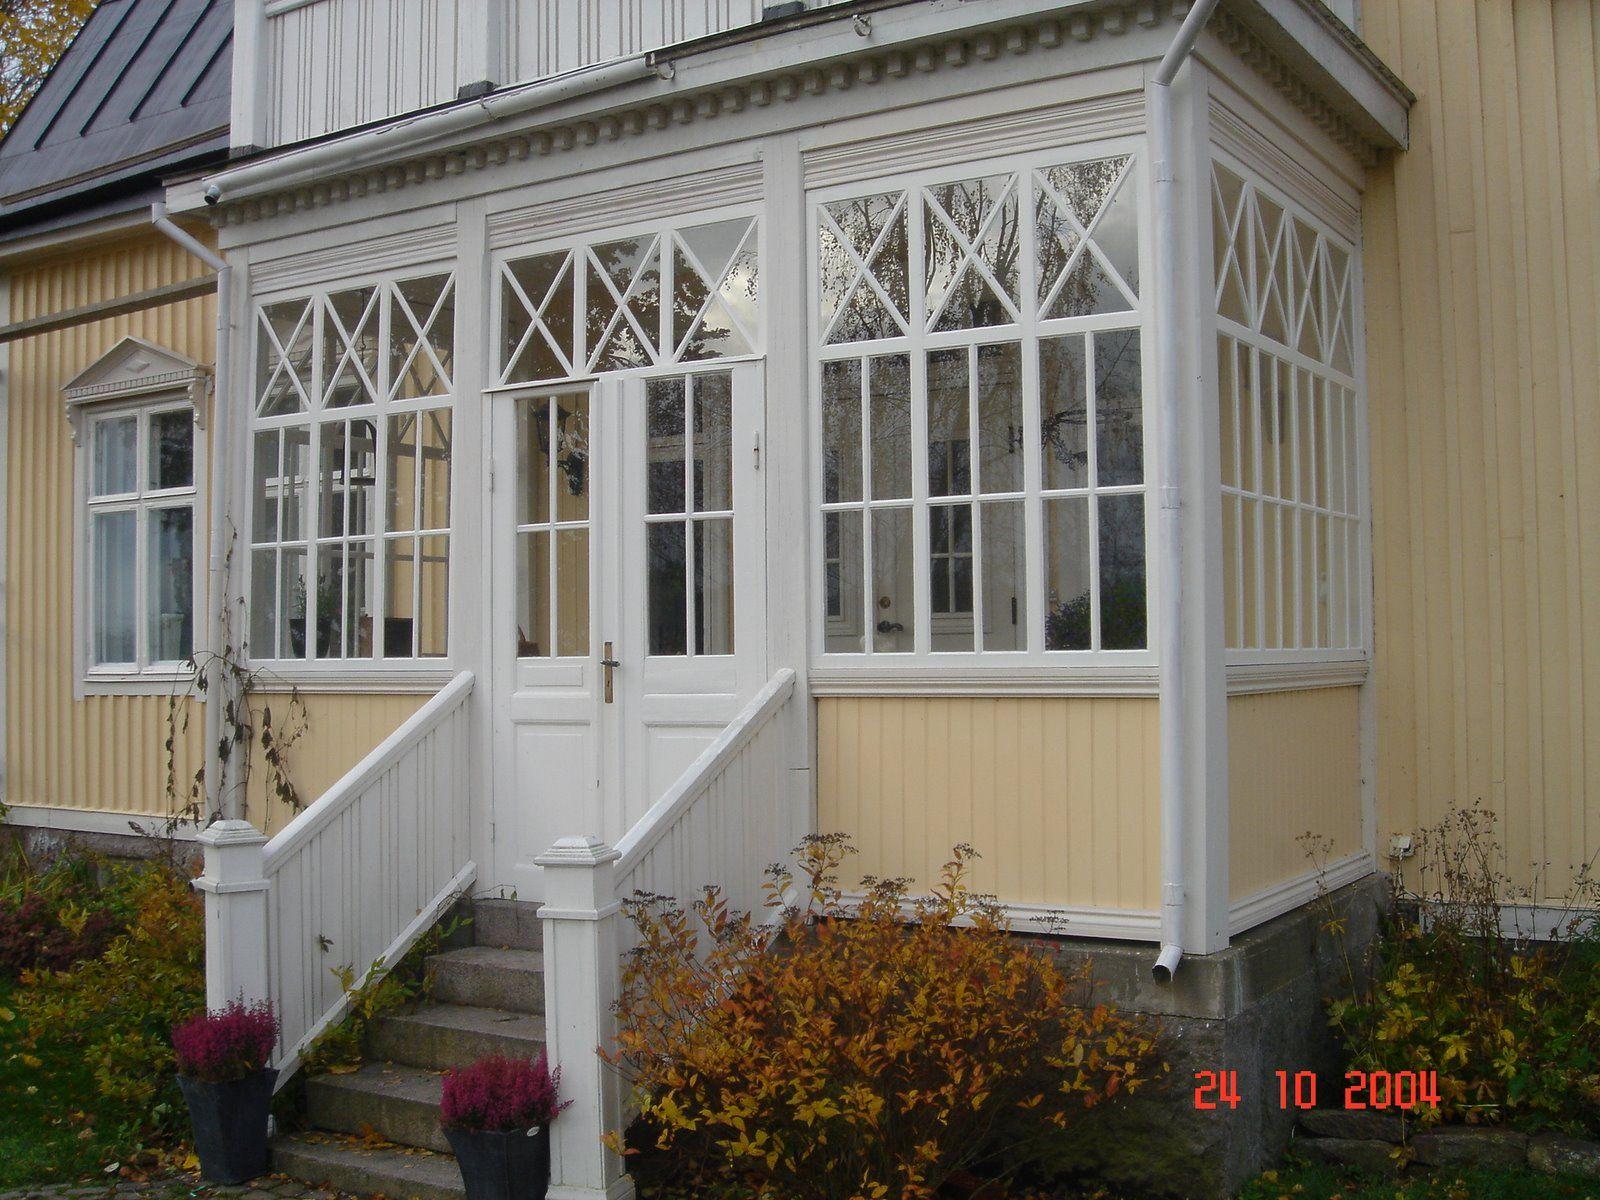 Verglaste veranda im schwedischen stil. immer wieder schön und